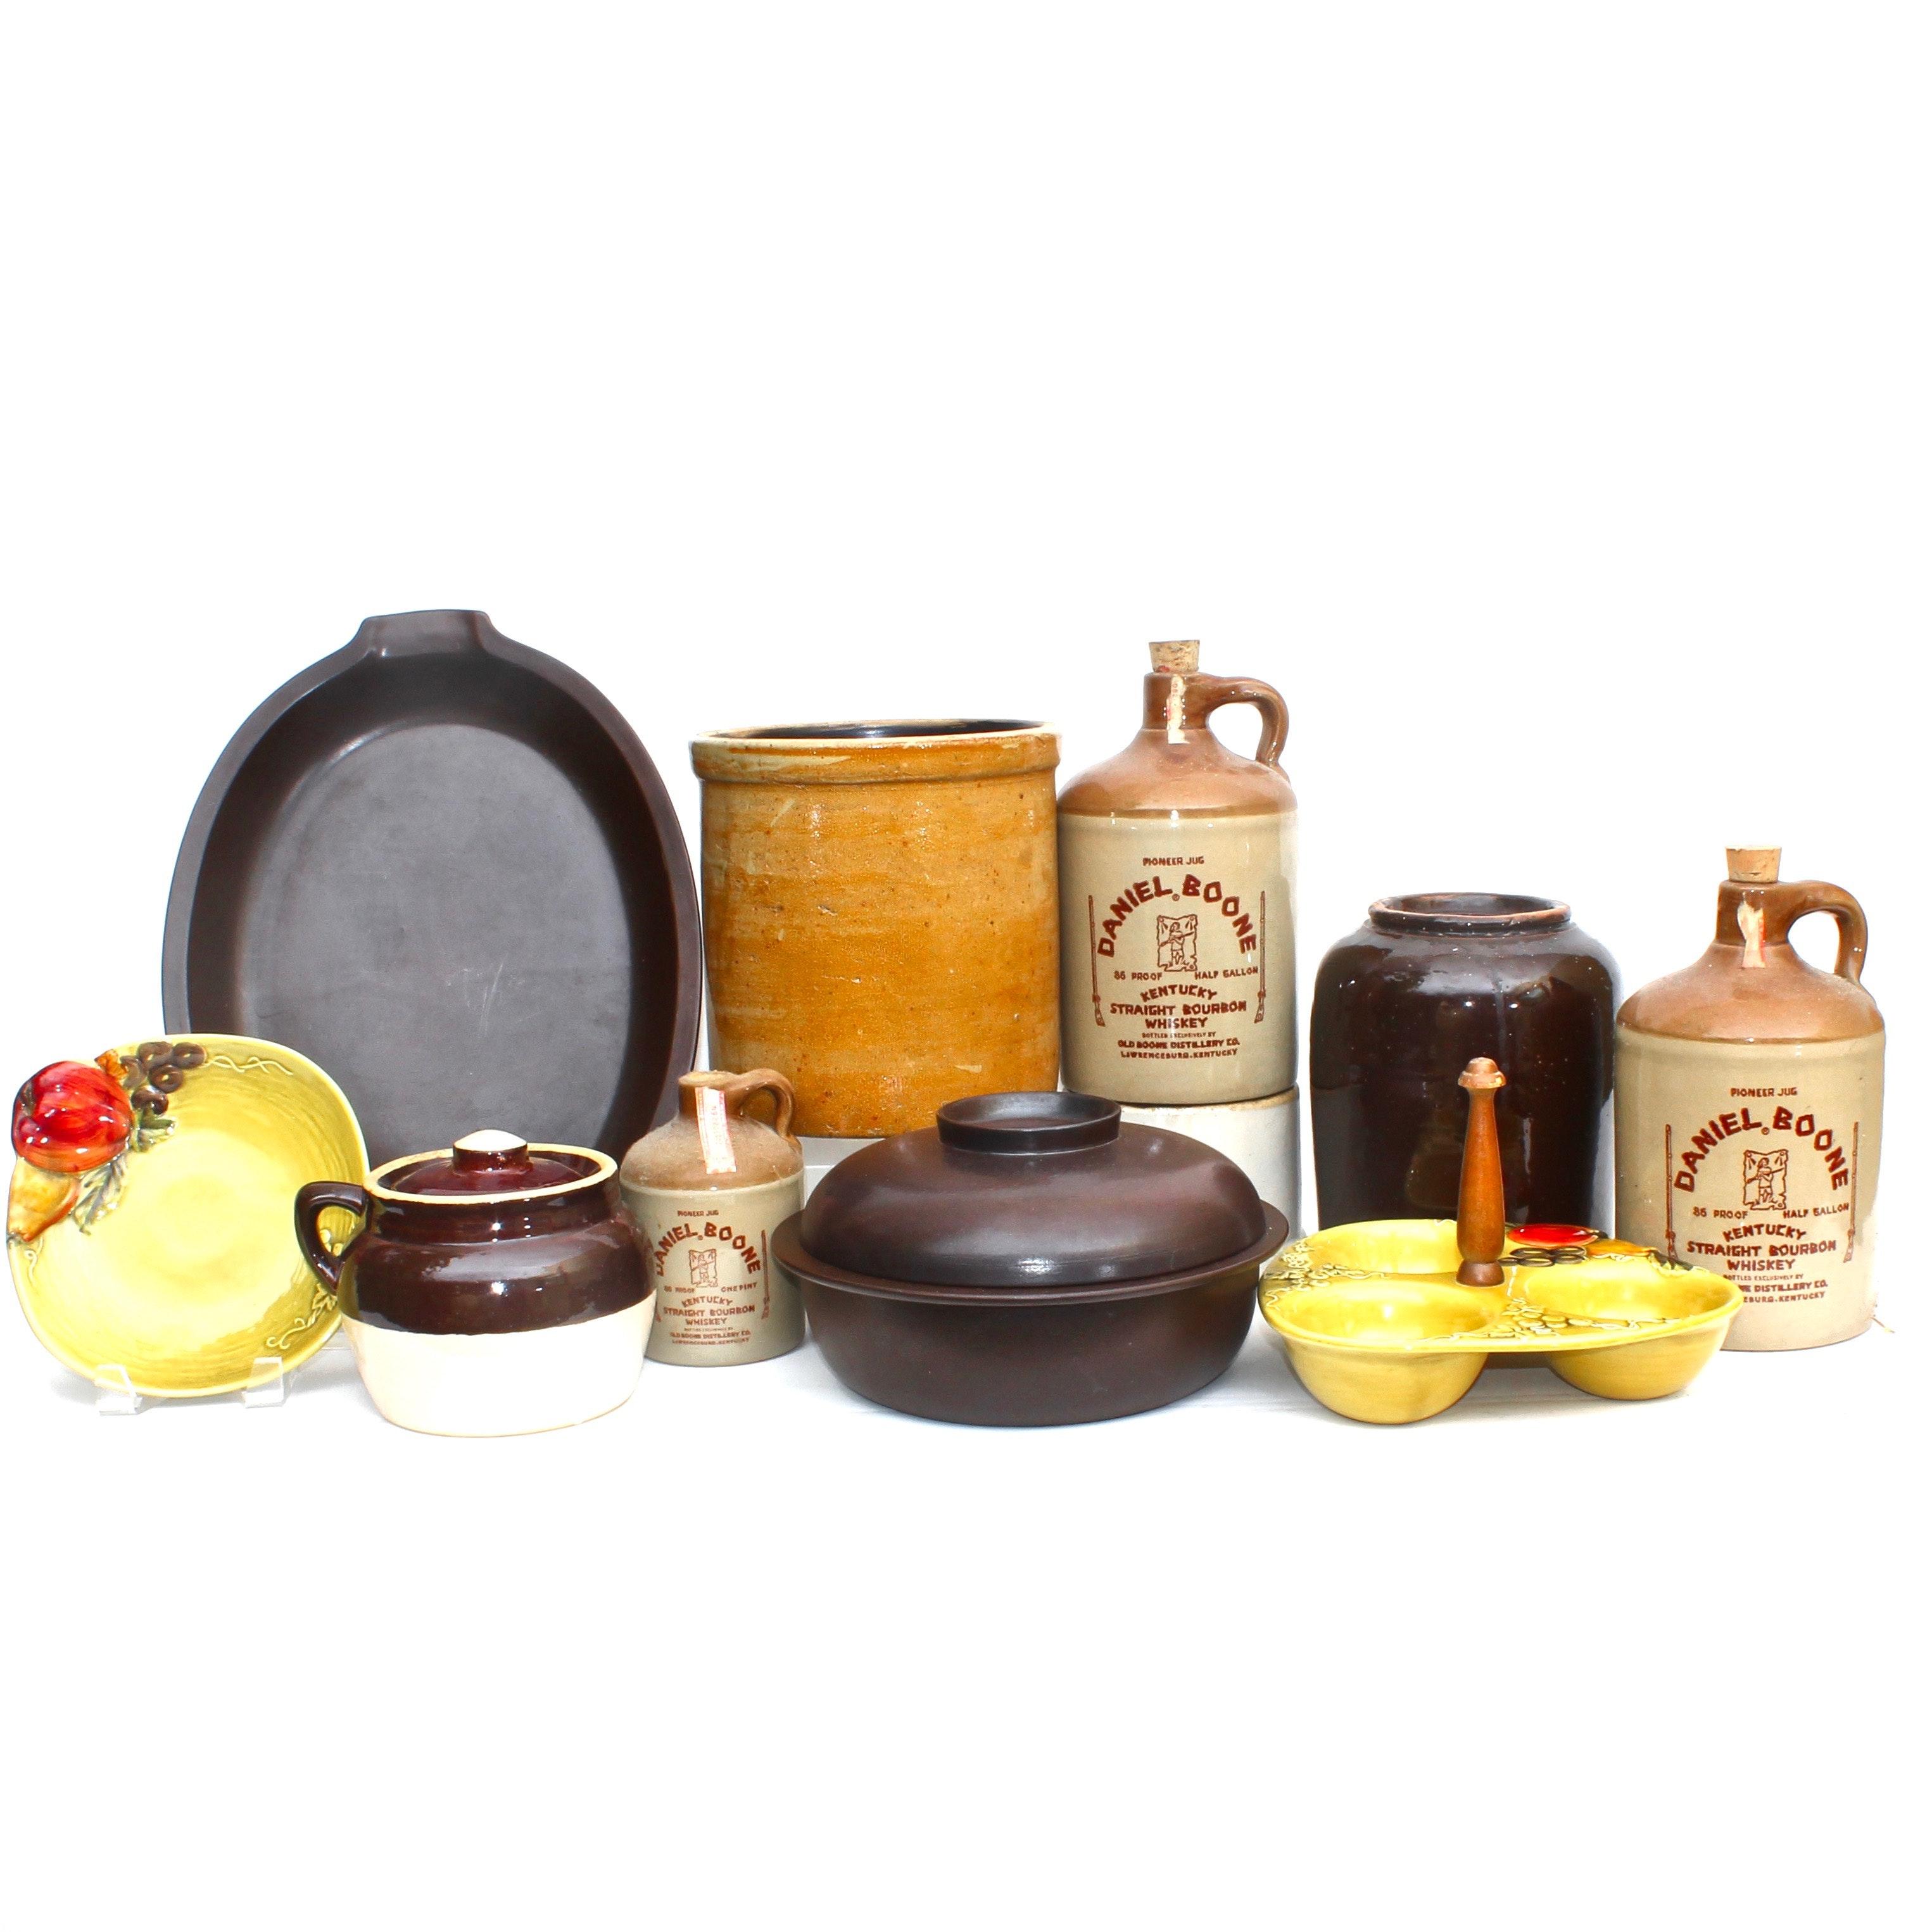 Lefton and Arabia Ceramic Service Ware